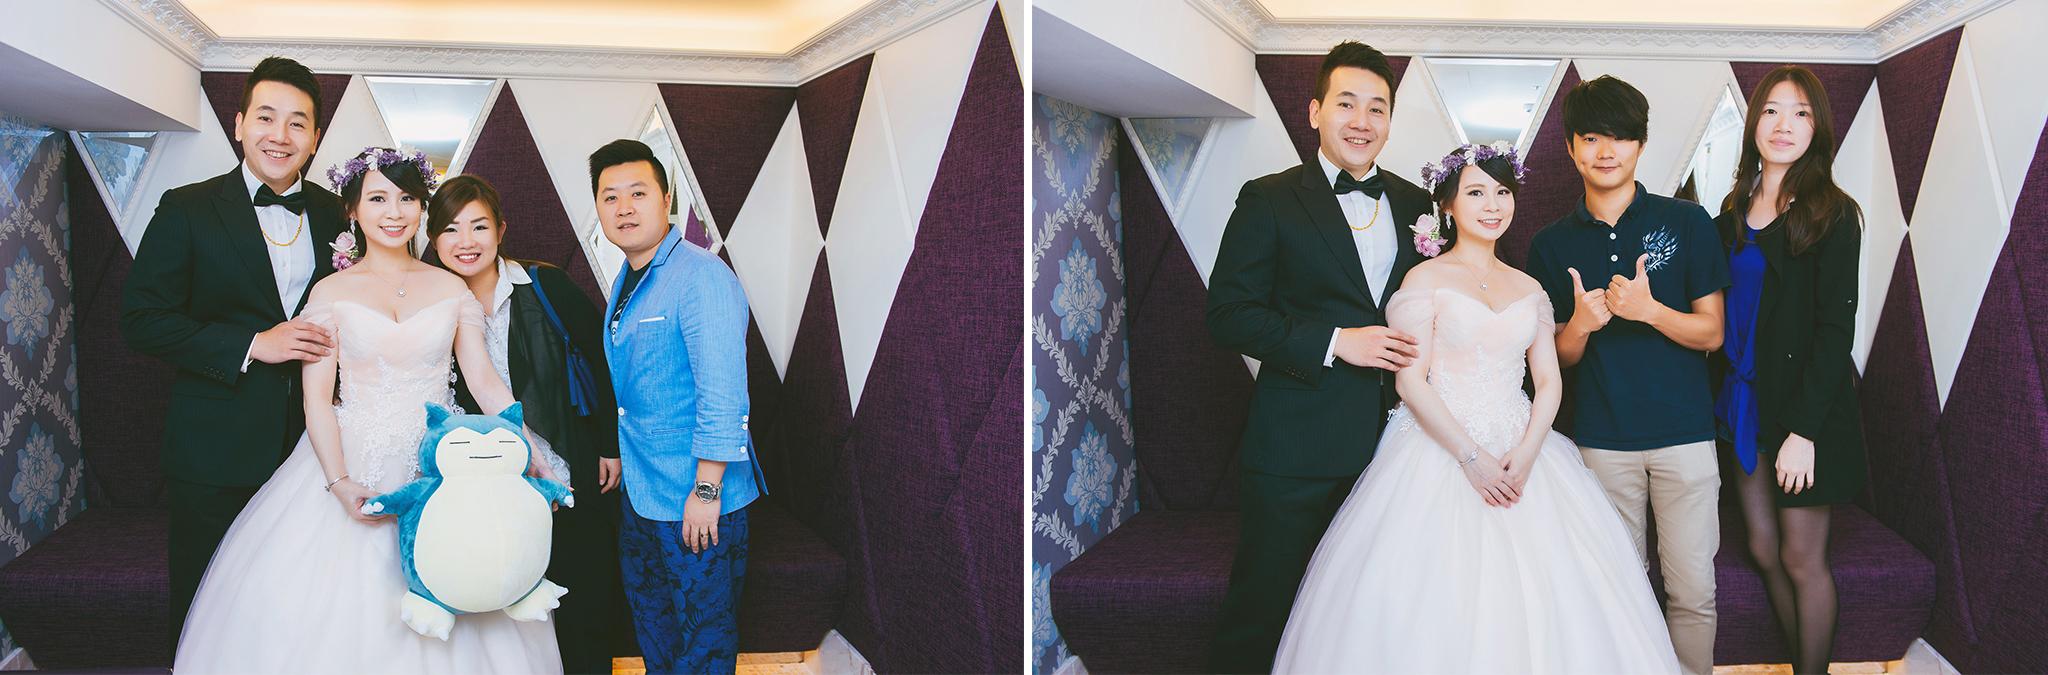 北部婚攝, 台北婚攝, 孕婦寫真, 自助婚紗, 艾文, 艾文婚禮記錄, 訂婚, 婚紗, 婚禮, 婚禮平面攝影師, 婚禮拍照, 婚禮記錄, 婚攝, 婚攝推薦, 結婚, 新祕, 新莊典華S1光廊, 新莊典華S1光廊婚攝, 新莊典華S1光廊儀式堂, 新莊典華S1儀式堂婚攝, 新莊典華婚攝, 儀式